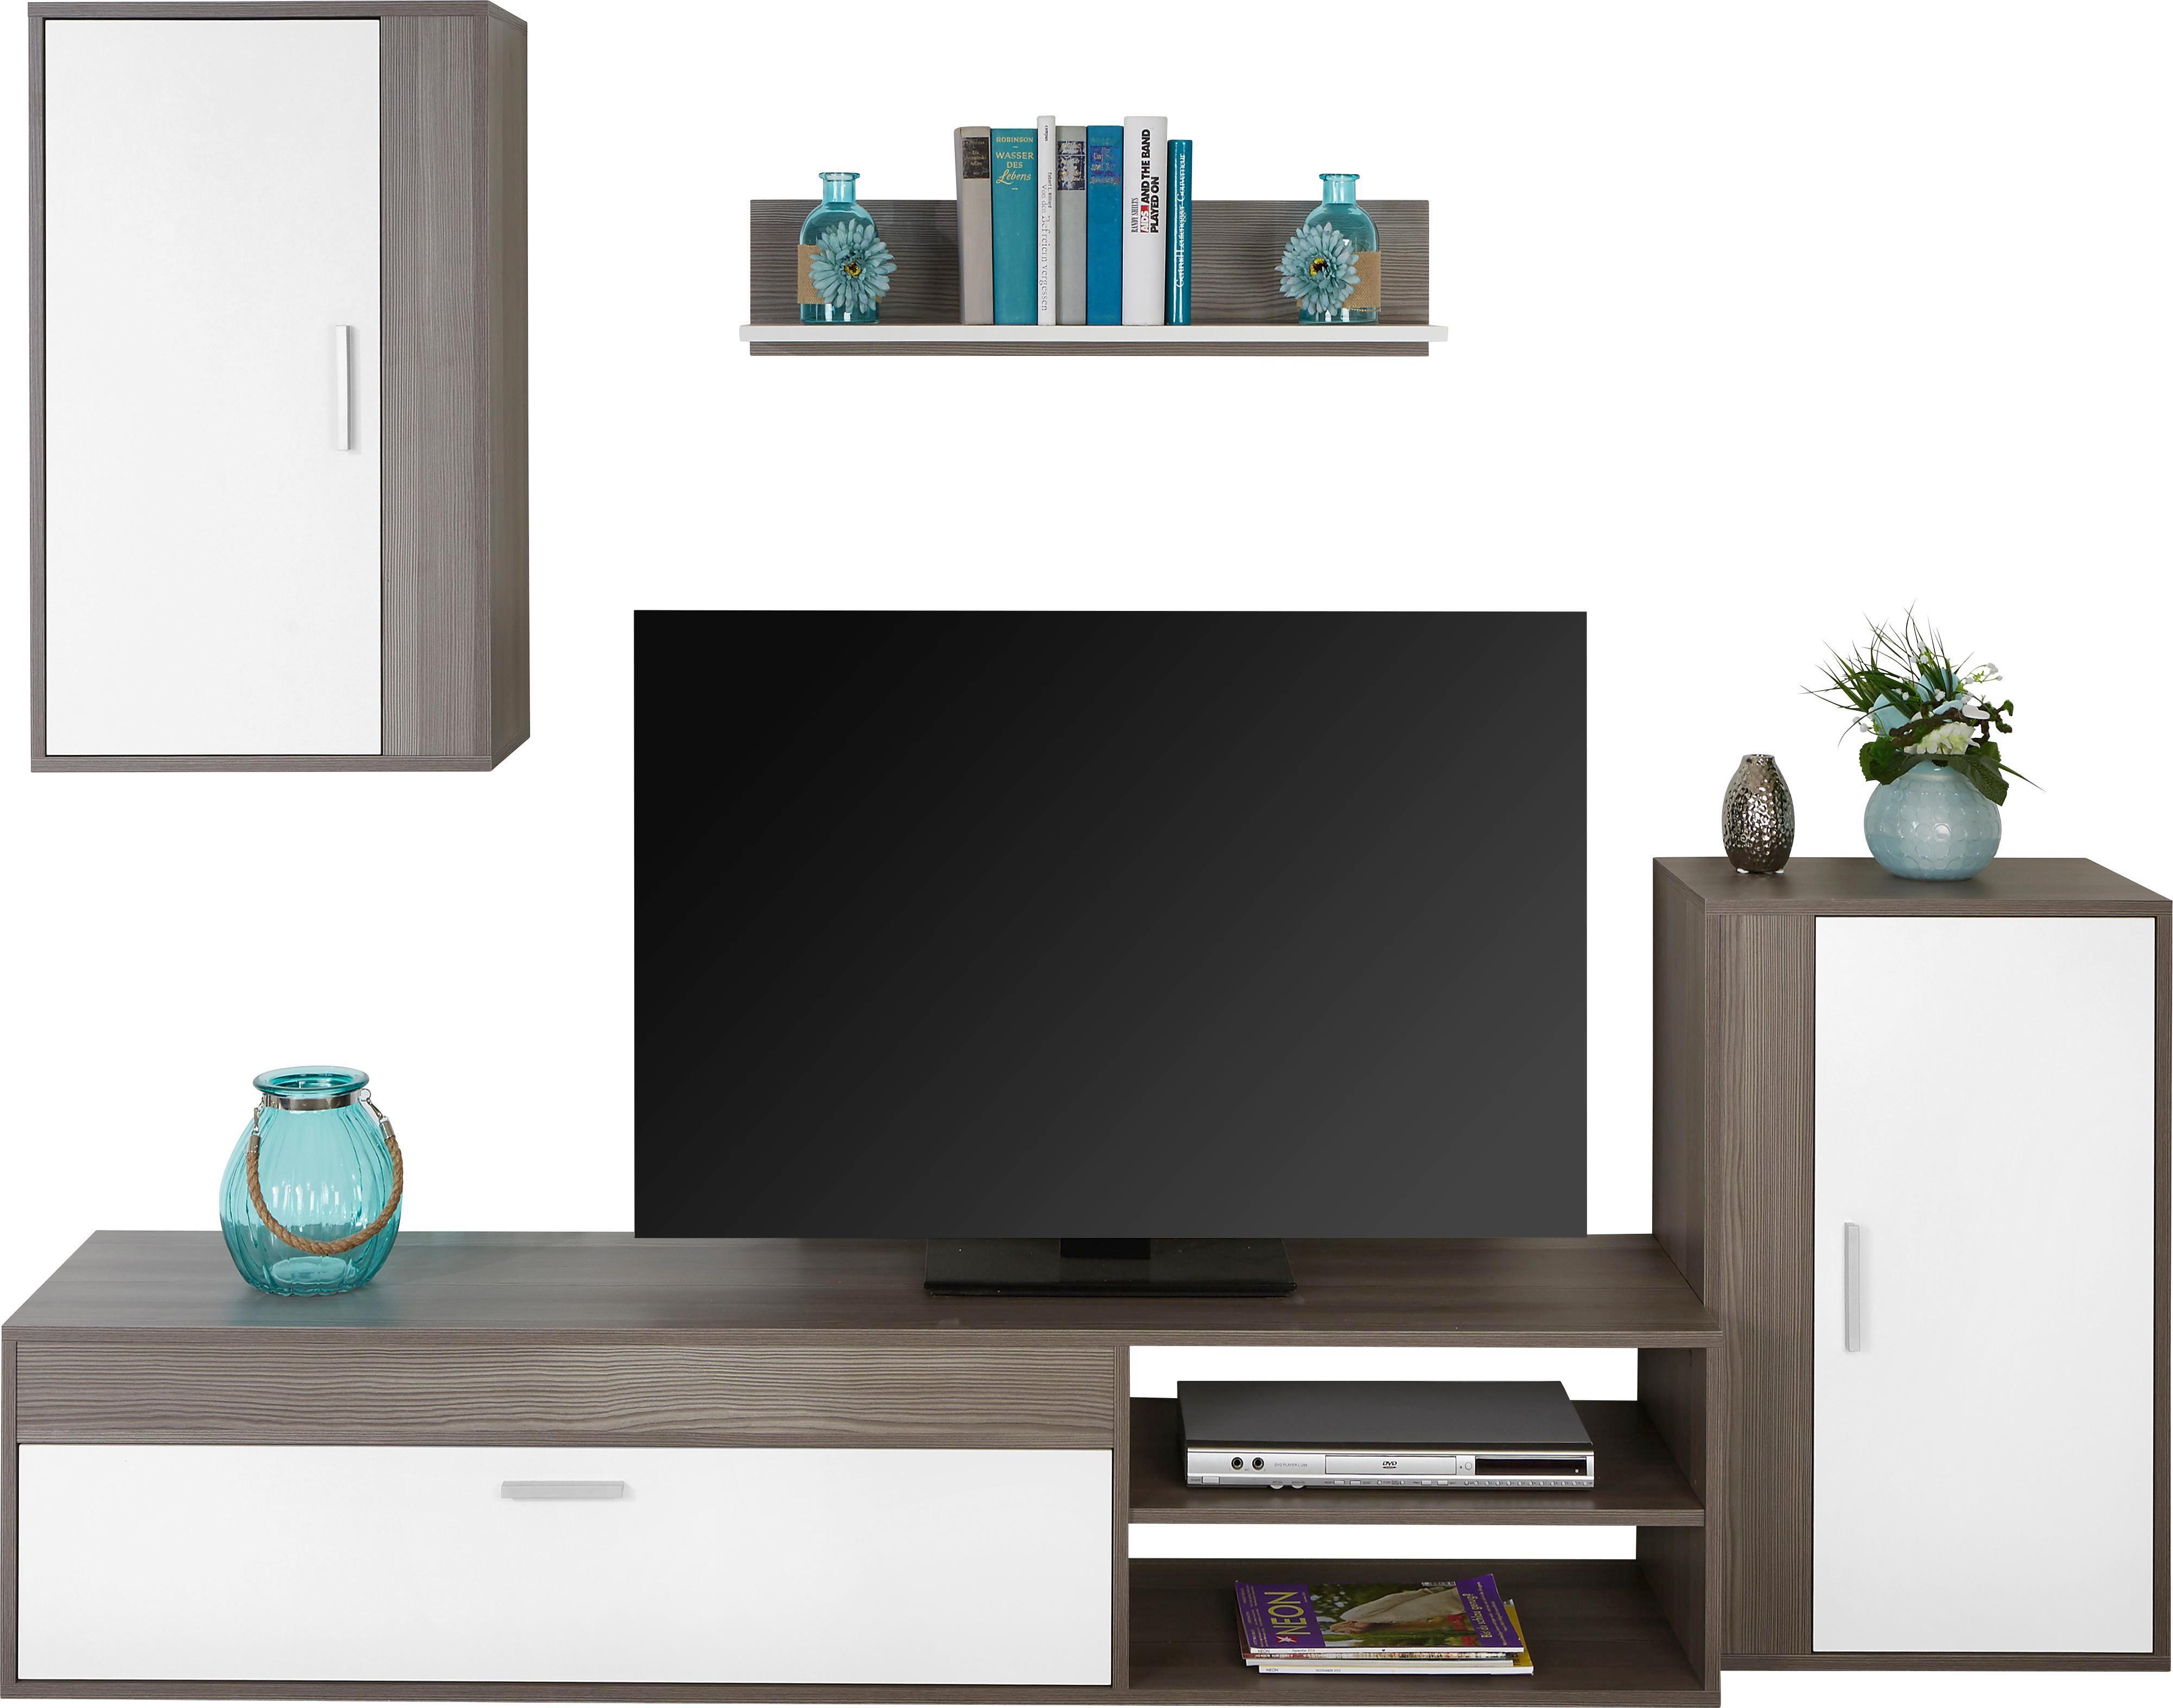 wohnwnde billig superb anbauwand bodegas a kuhles moderne. Black Bedroom Furniture Sets. Home Design Ideas